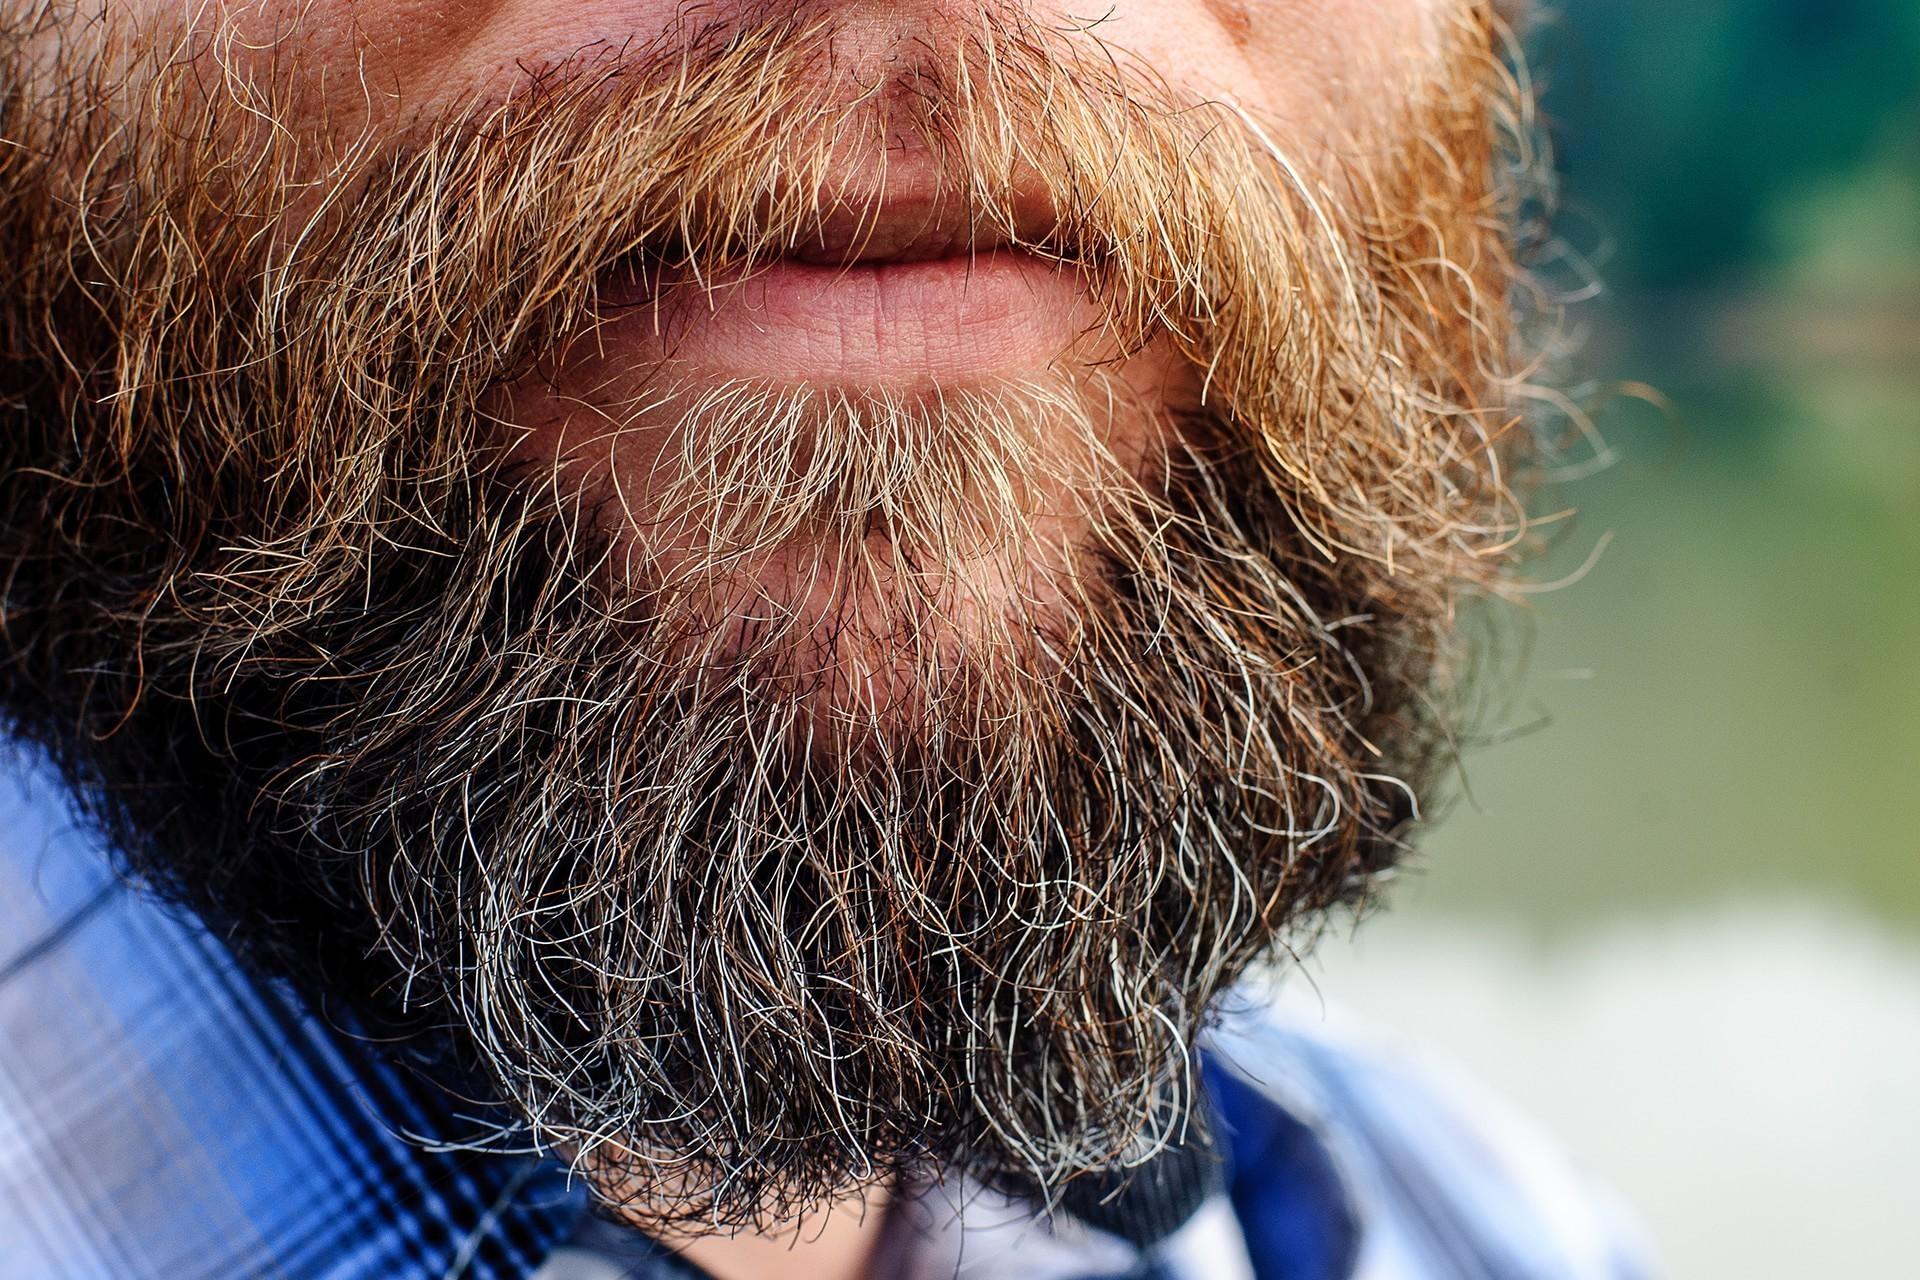 Femeile care cauta barba? i Abitabi)